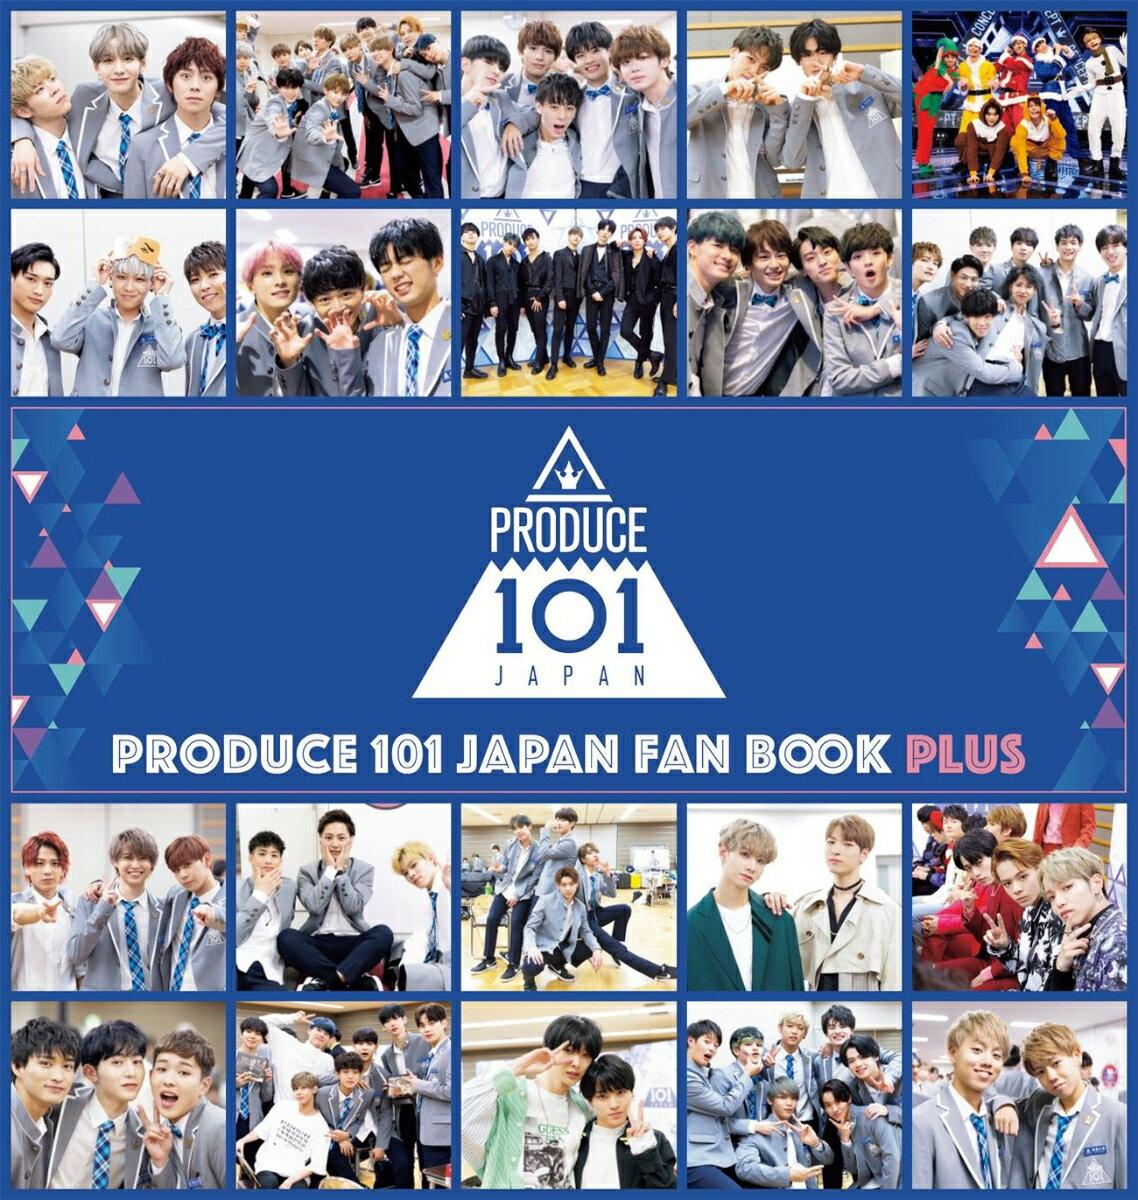 PRODUCE 101 JAPAN FAN BOOK PLUS (仮)